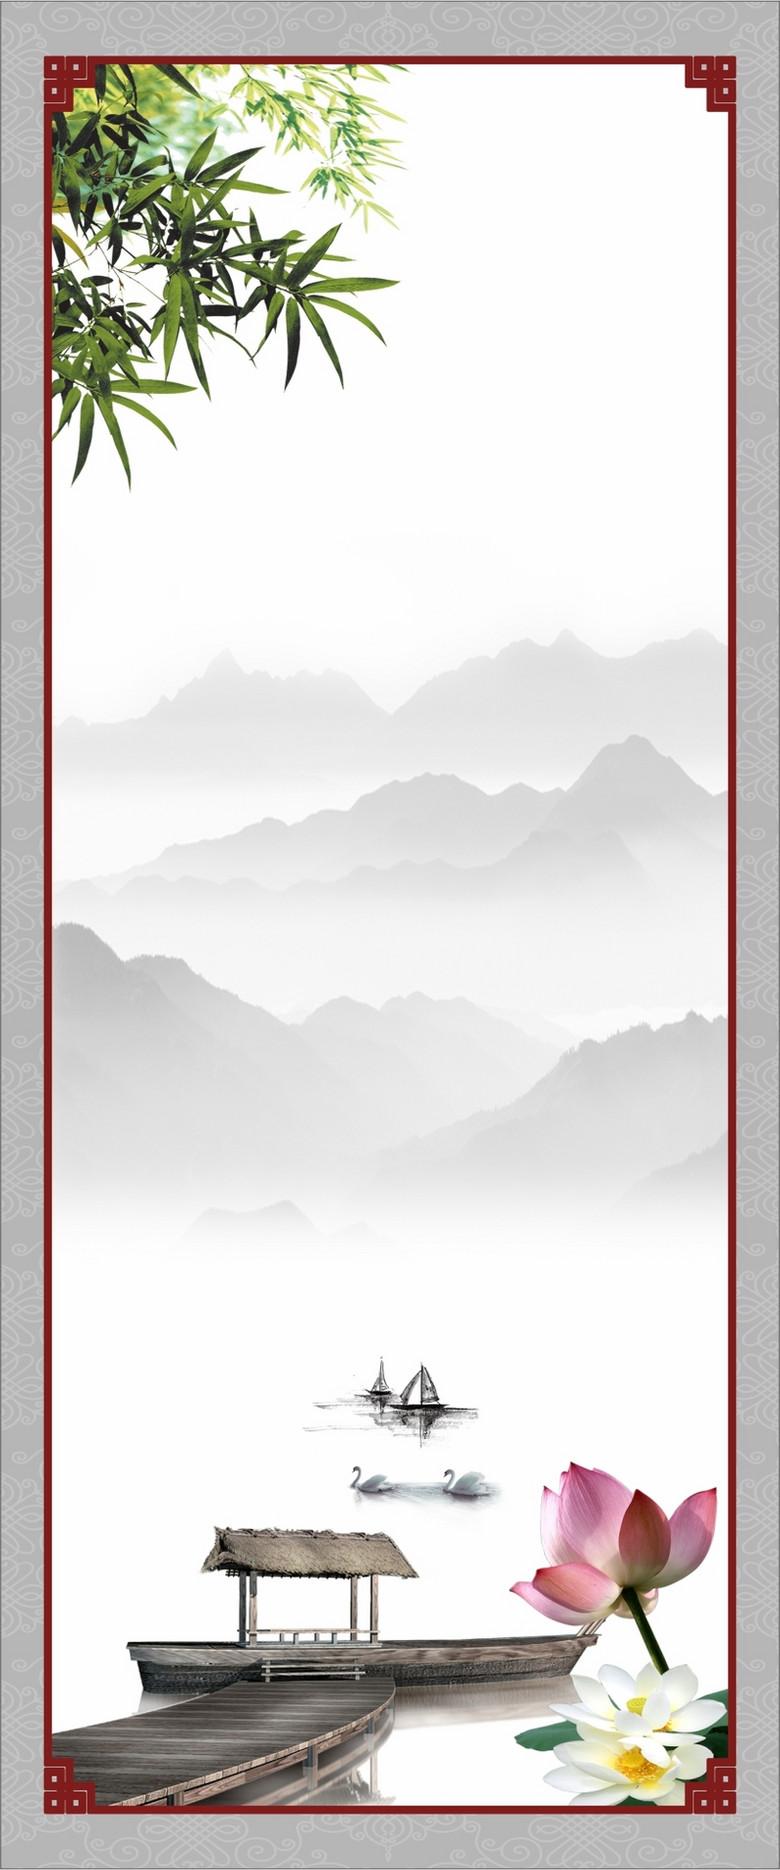 中国风船只背景